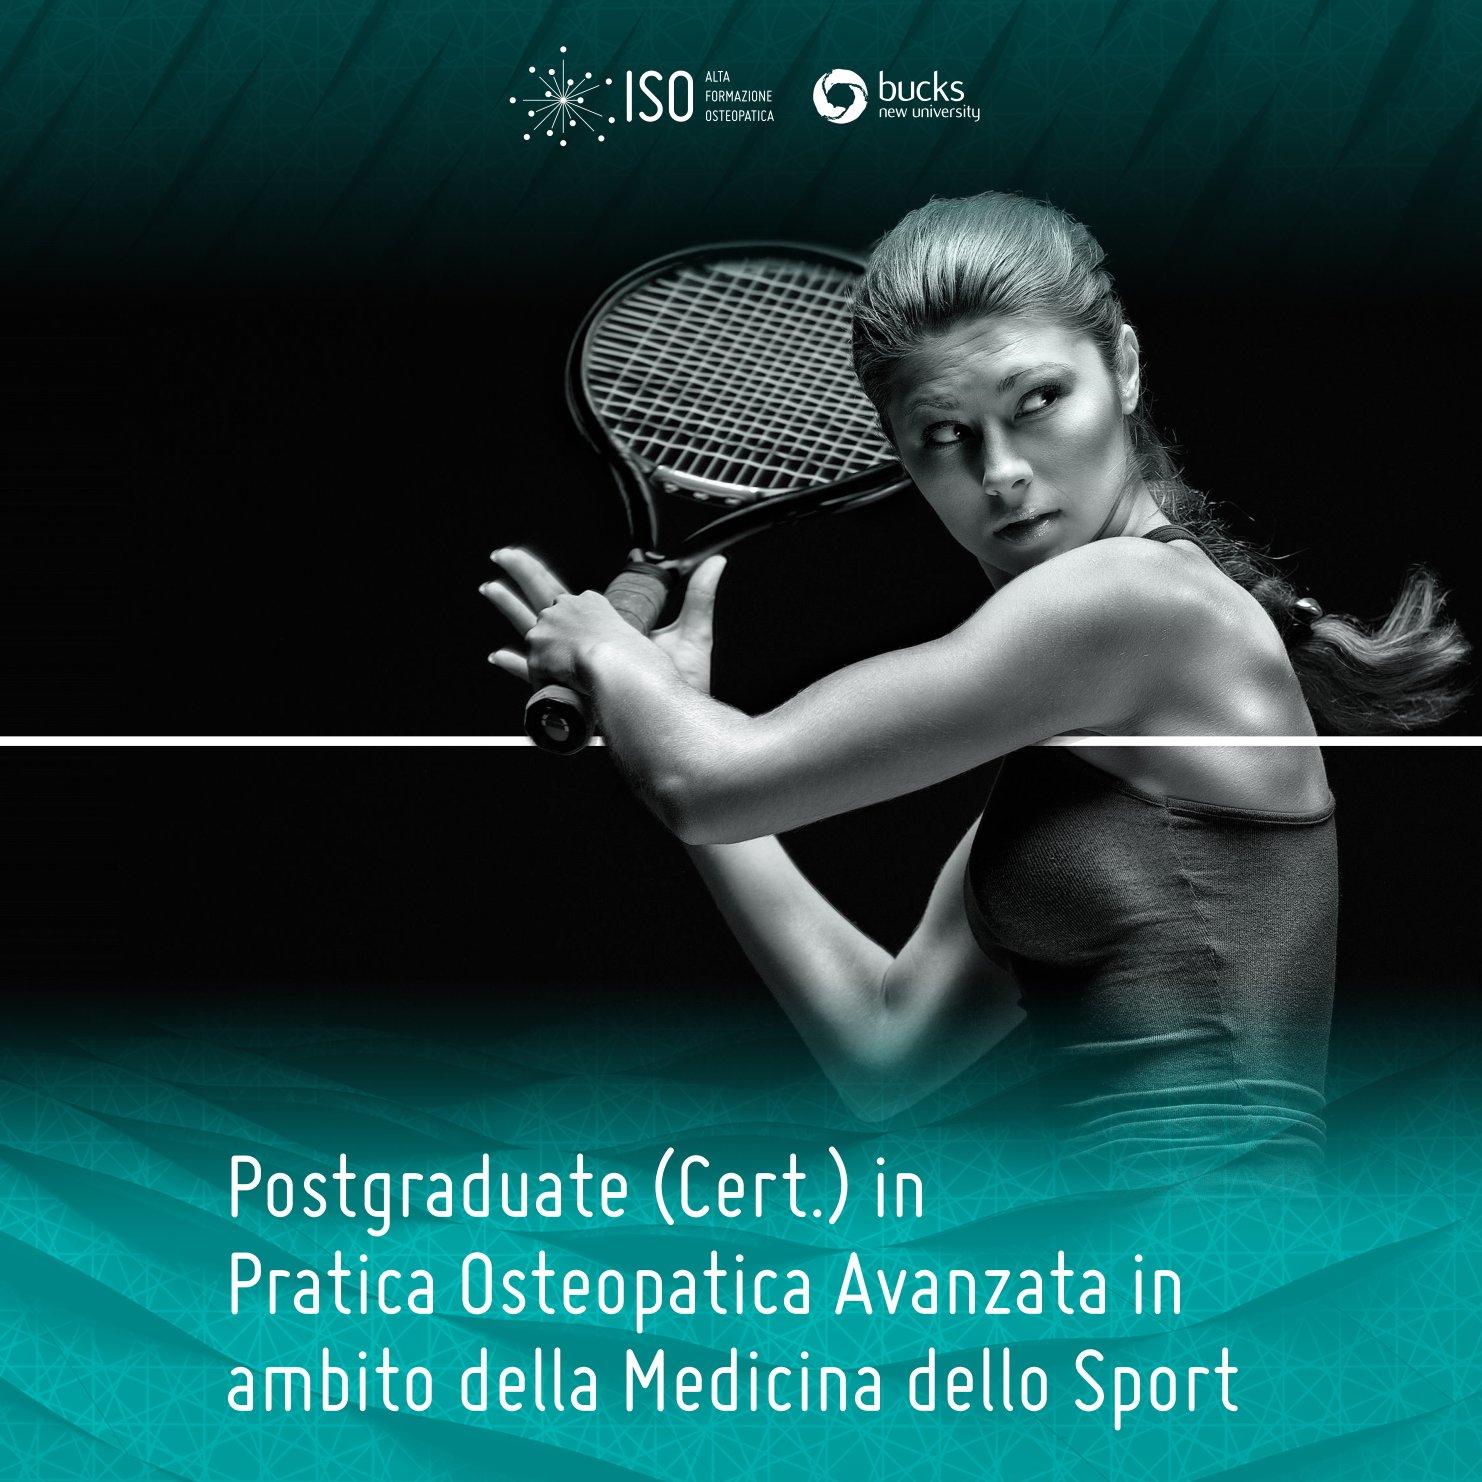 Postgraduate ISO in Pratica Osteopatica Avanzata in Medicina dello Sport